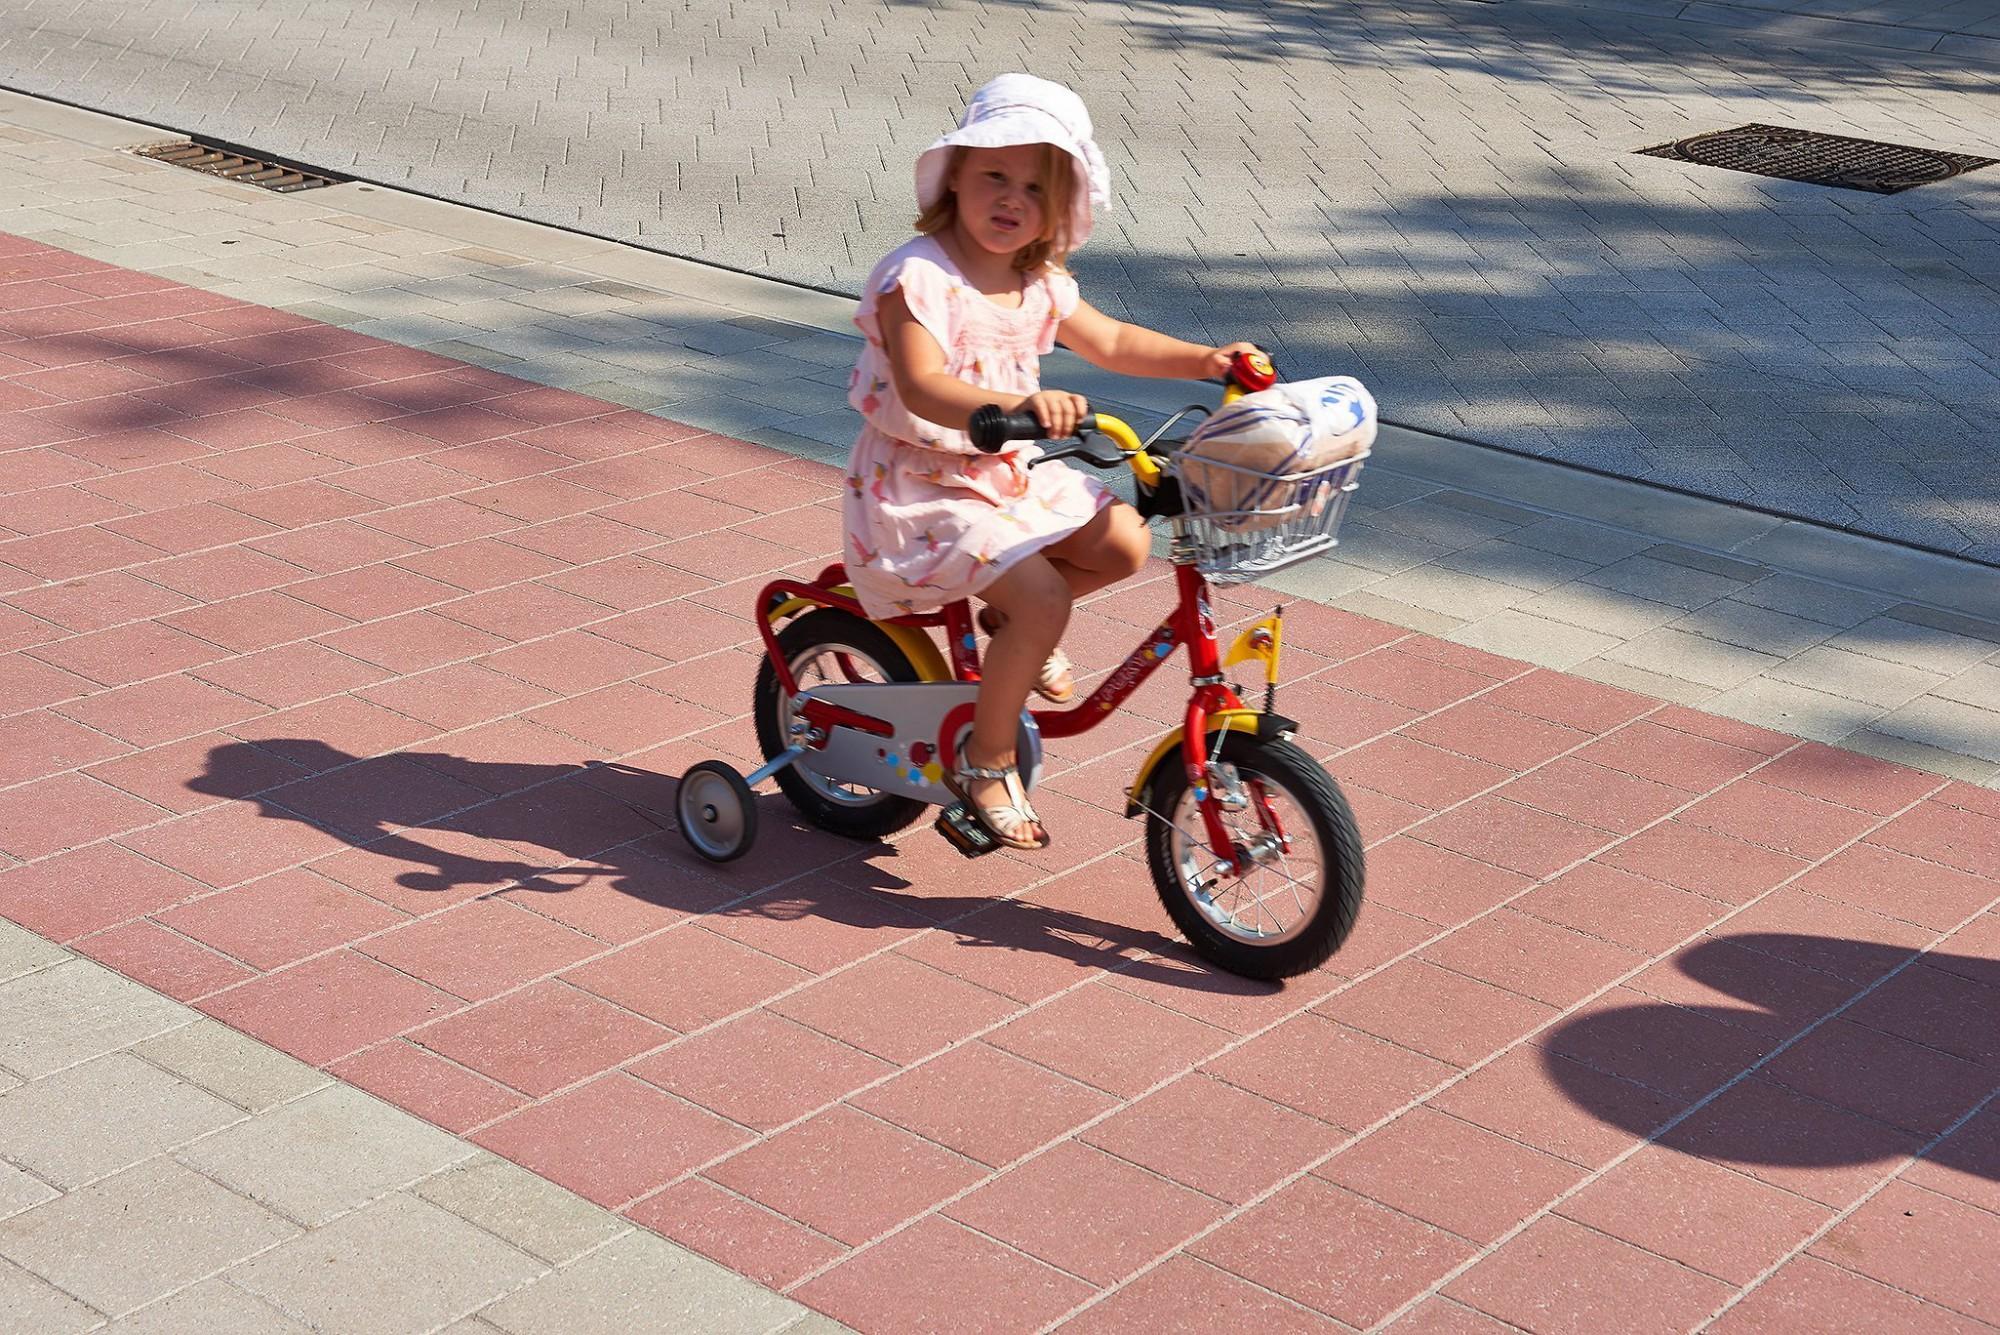 Afbeelding: Infrastructuurwerken, aanleg van fietspaden, wegenbouw. Fotografie van de gebruikte materialen.